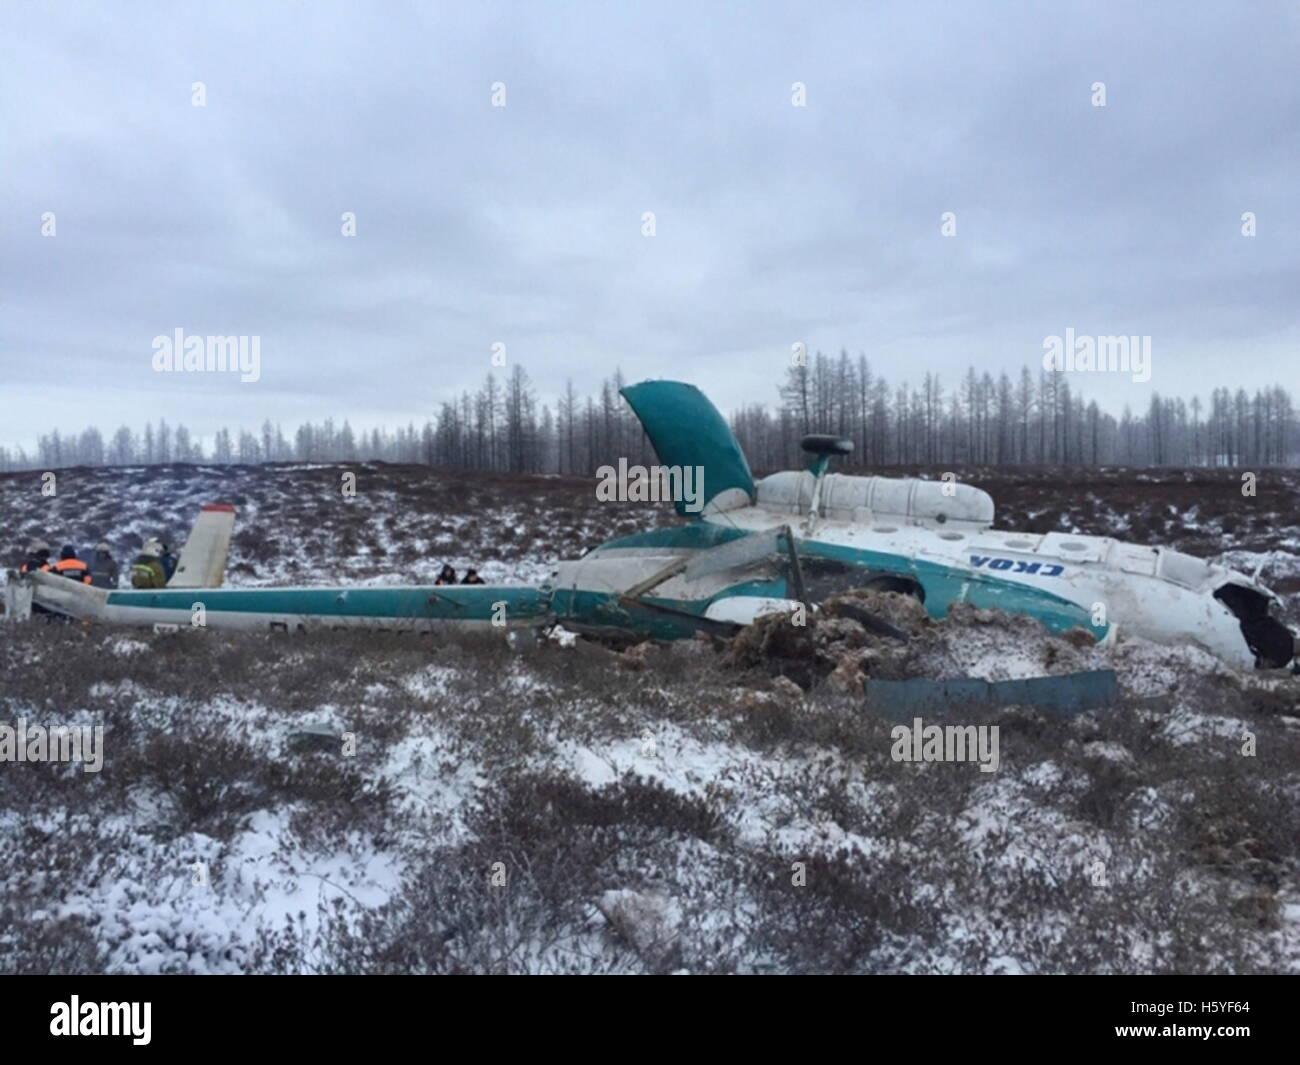 Yamalo Nenets zona autonoma, Russia. 22 ottobre, 2016. Una vista del Mil Mi-8 elicottero crash site. In base ai Foto Stock